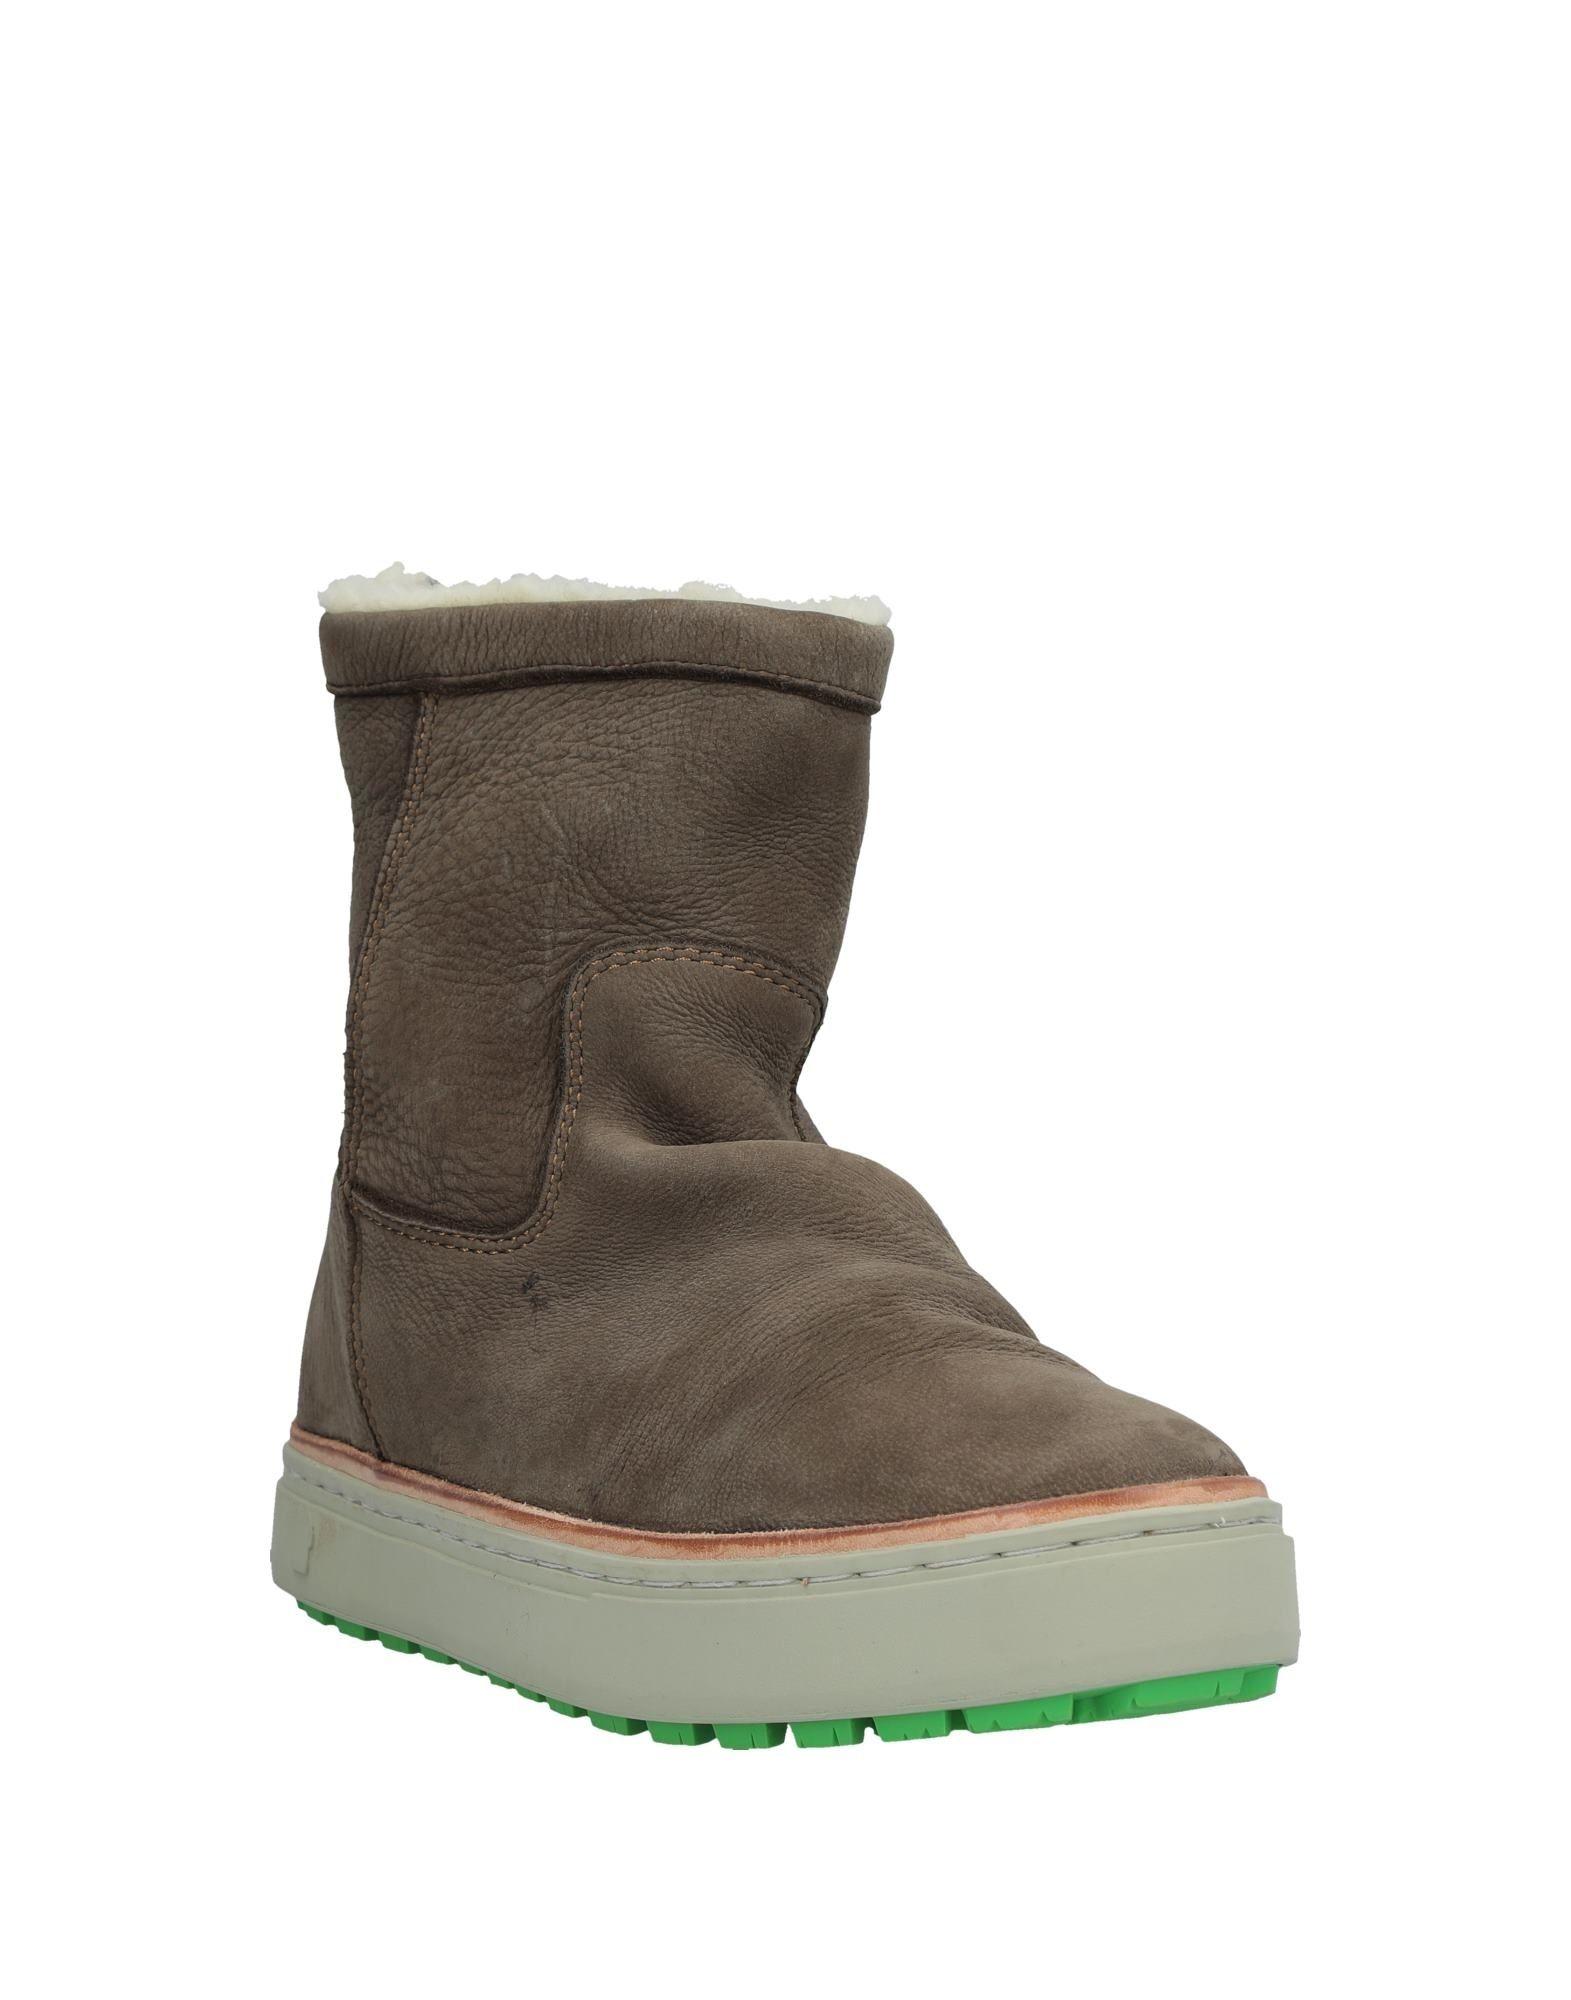 Satorisan Stiefelette Gute Herren  11527810XL Gute Stiefelette Qualität beliebte Schuhe 8e6dd8